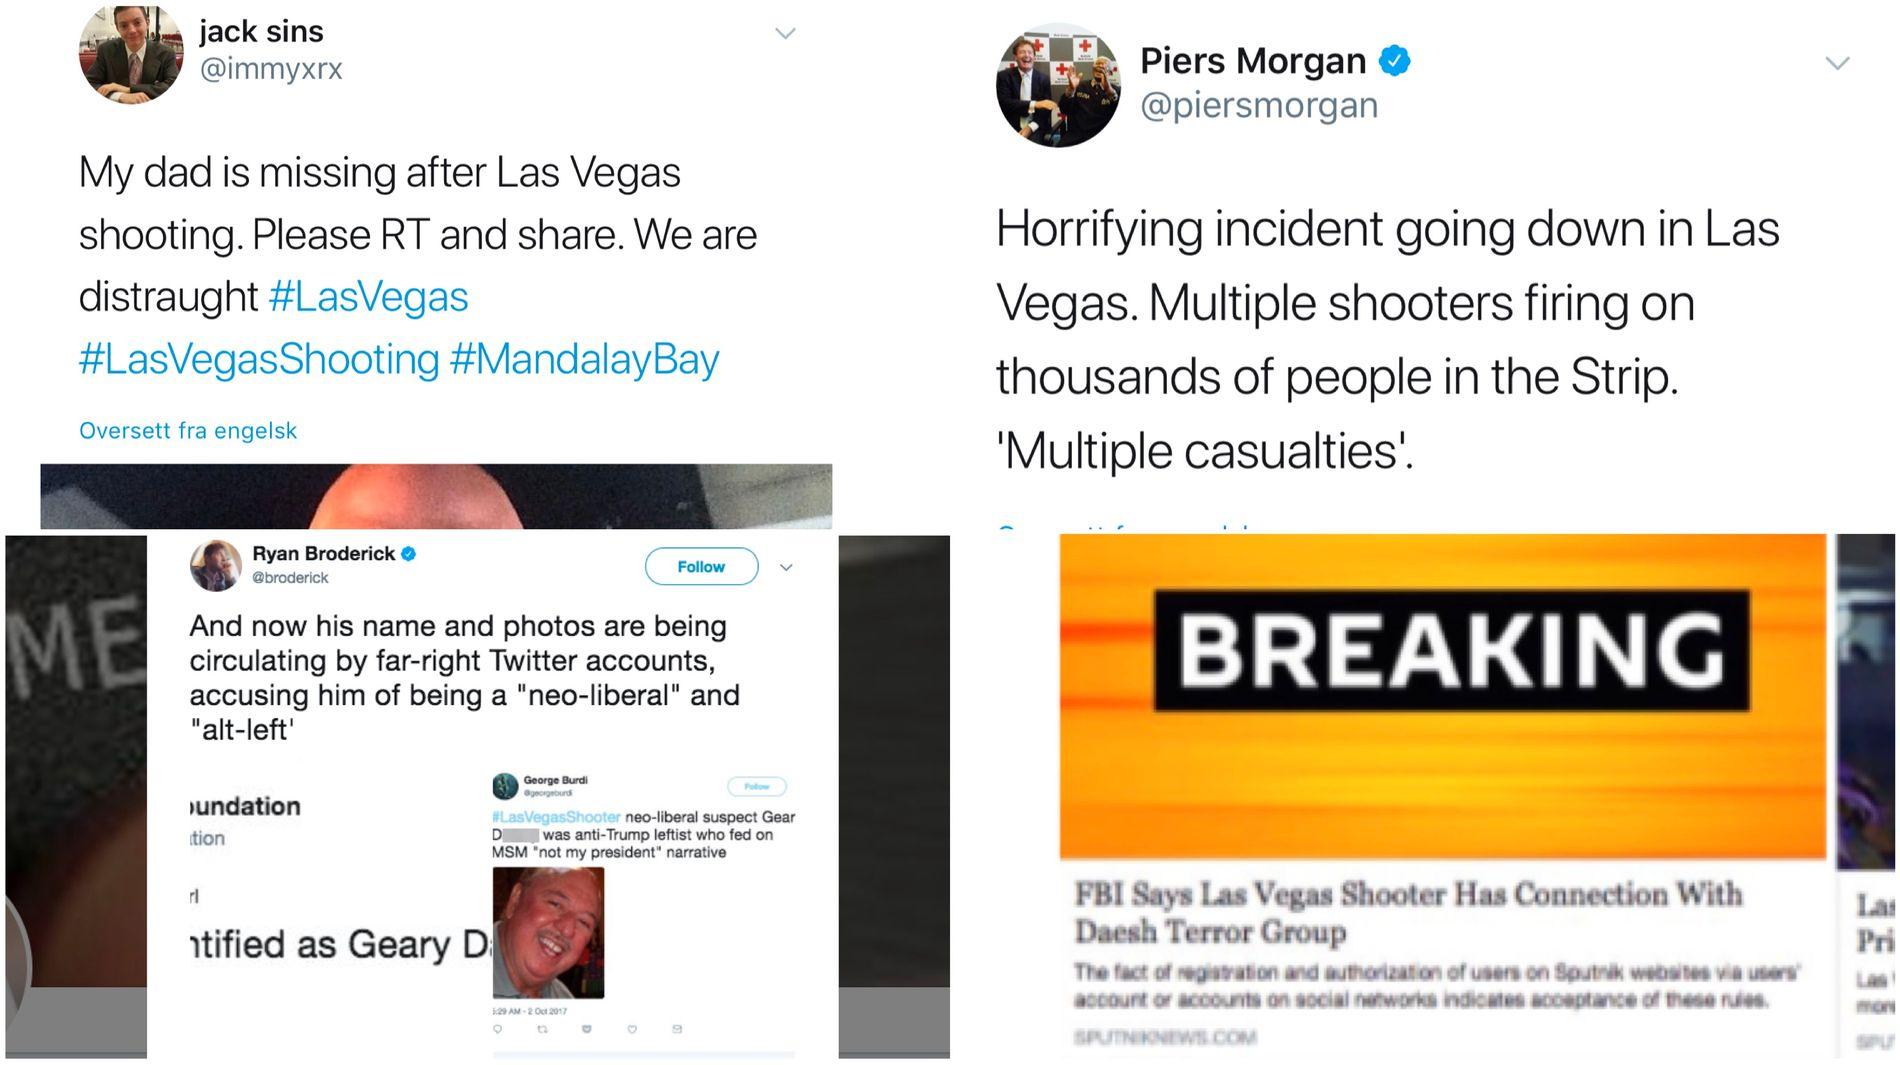 Falske Nyheter Ryktespredning Og En Heksejakt Pa Feil Person Etter Las Vegas Massakren Ble Ekte Og Falsk Informasjon Sauset Sammen